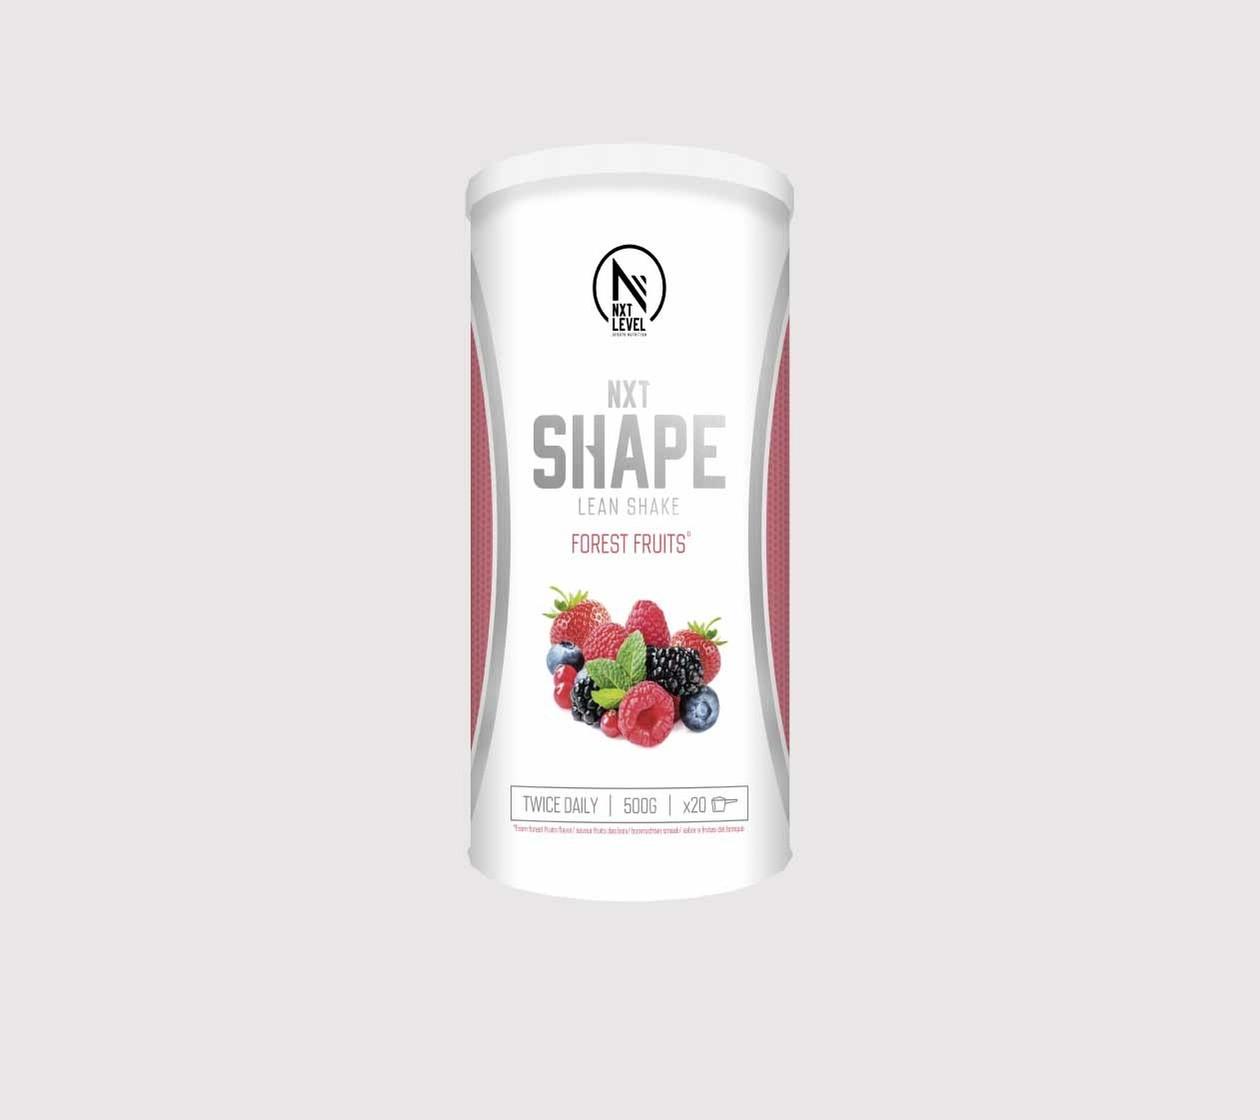 NXT Shape Lean Shake (500g) - Choisissez parmi 3 saveurs